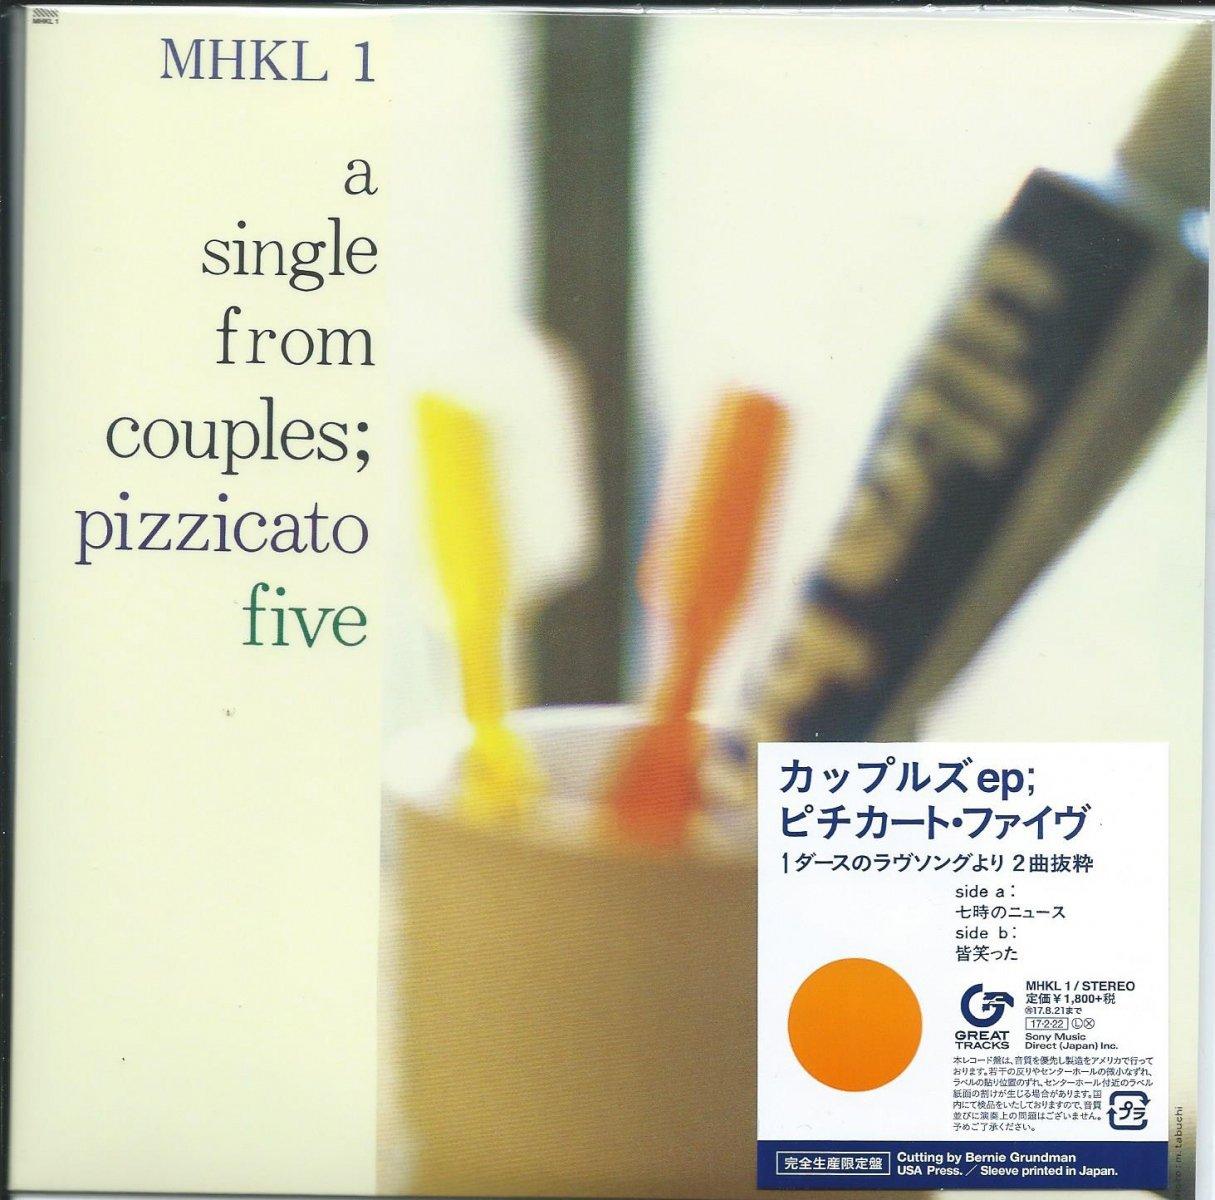 ピチカート・ファイヴ PIZZICATO FIVE / 七時のニュース / 皆笑った (カップルズ EP) (7